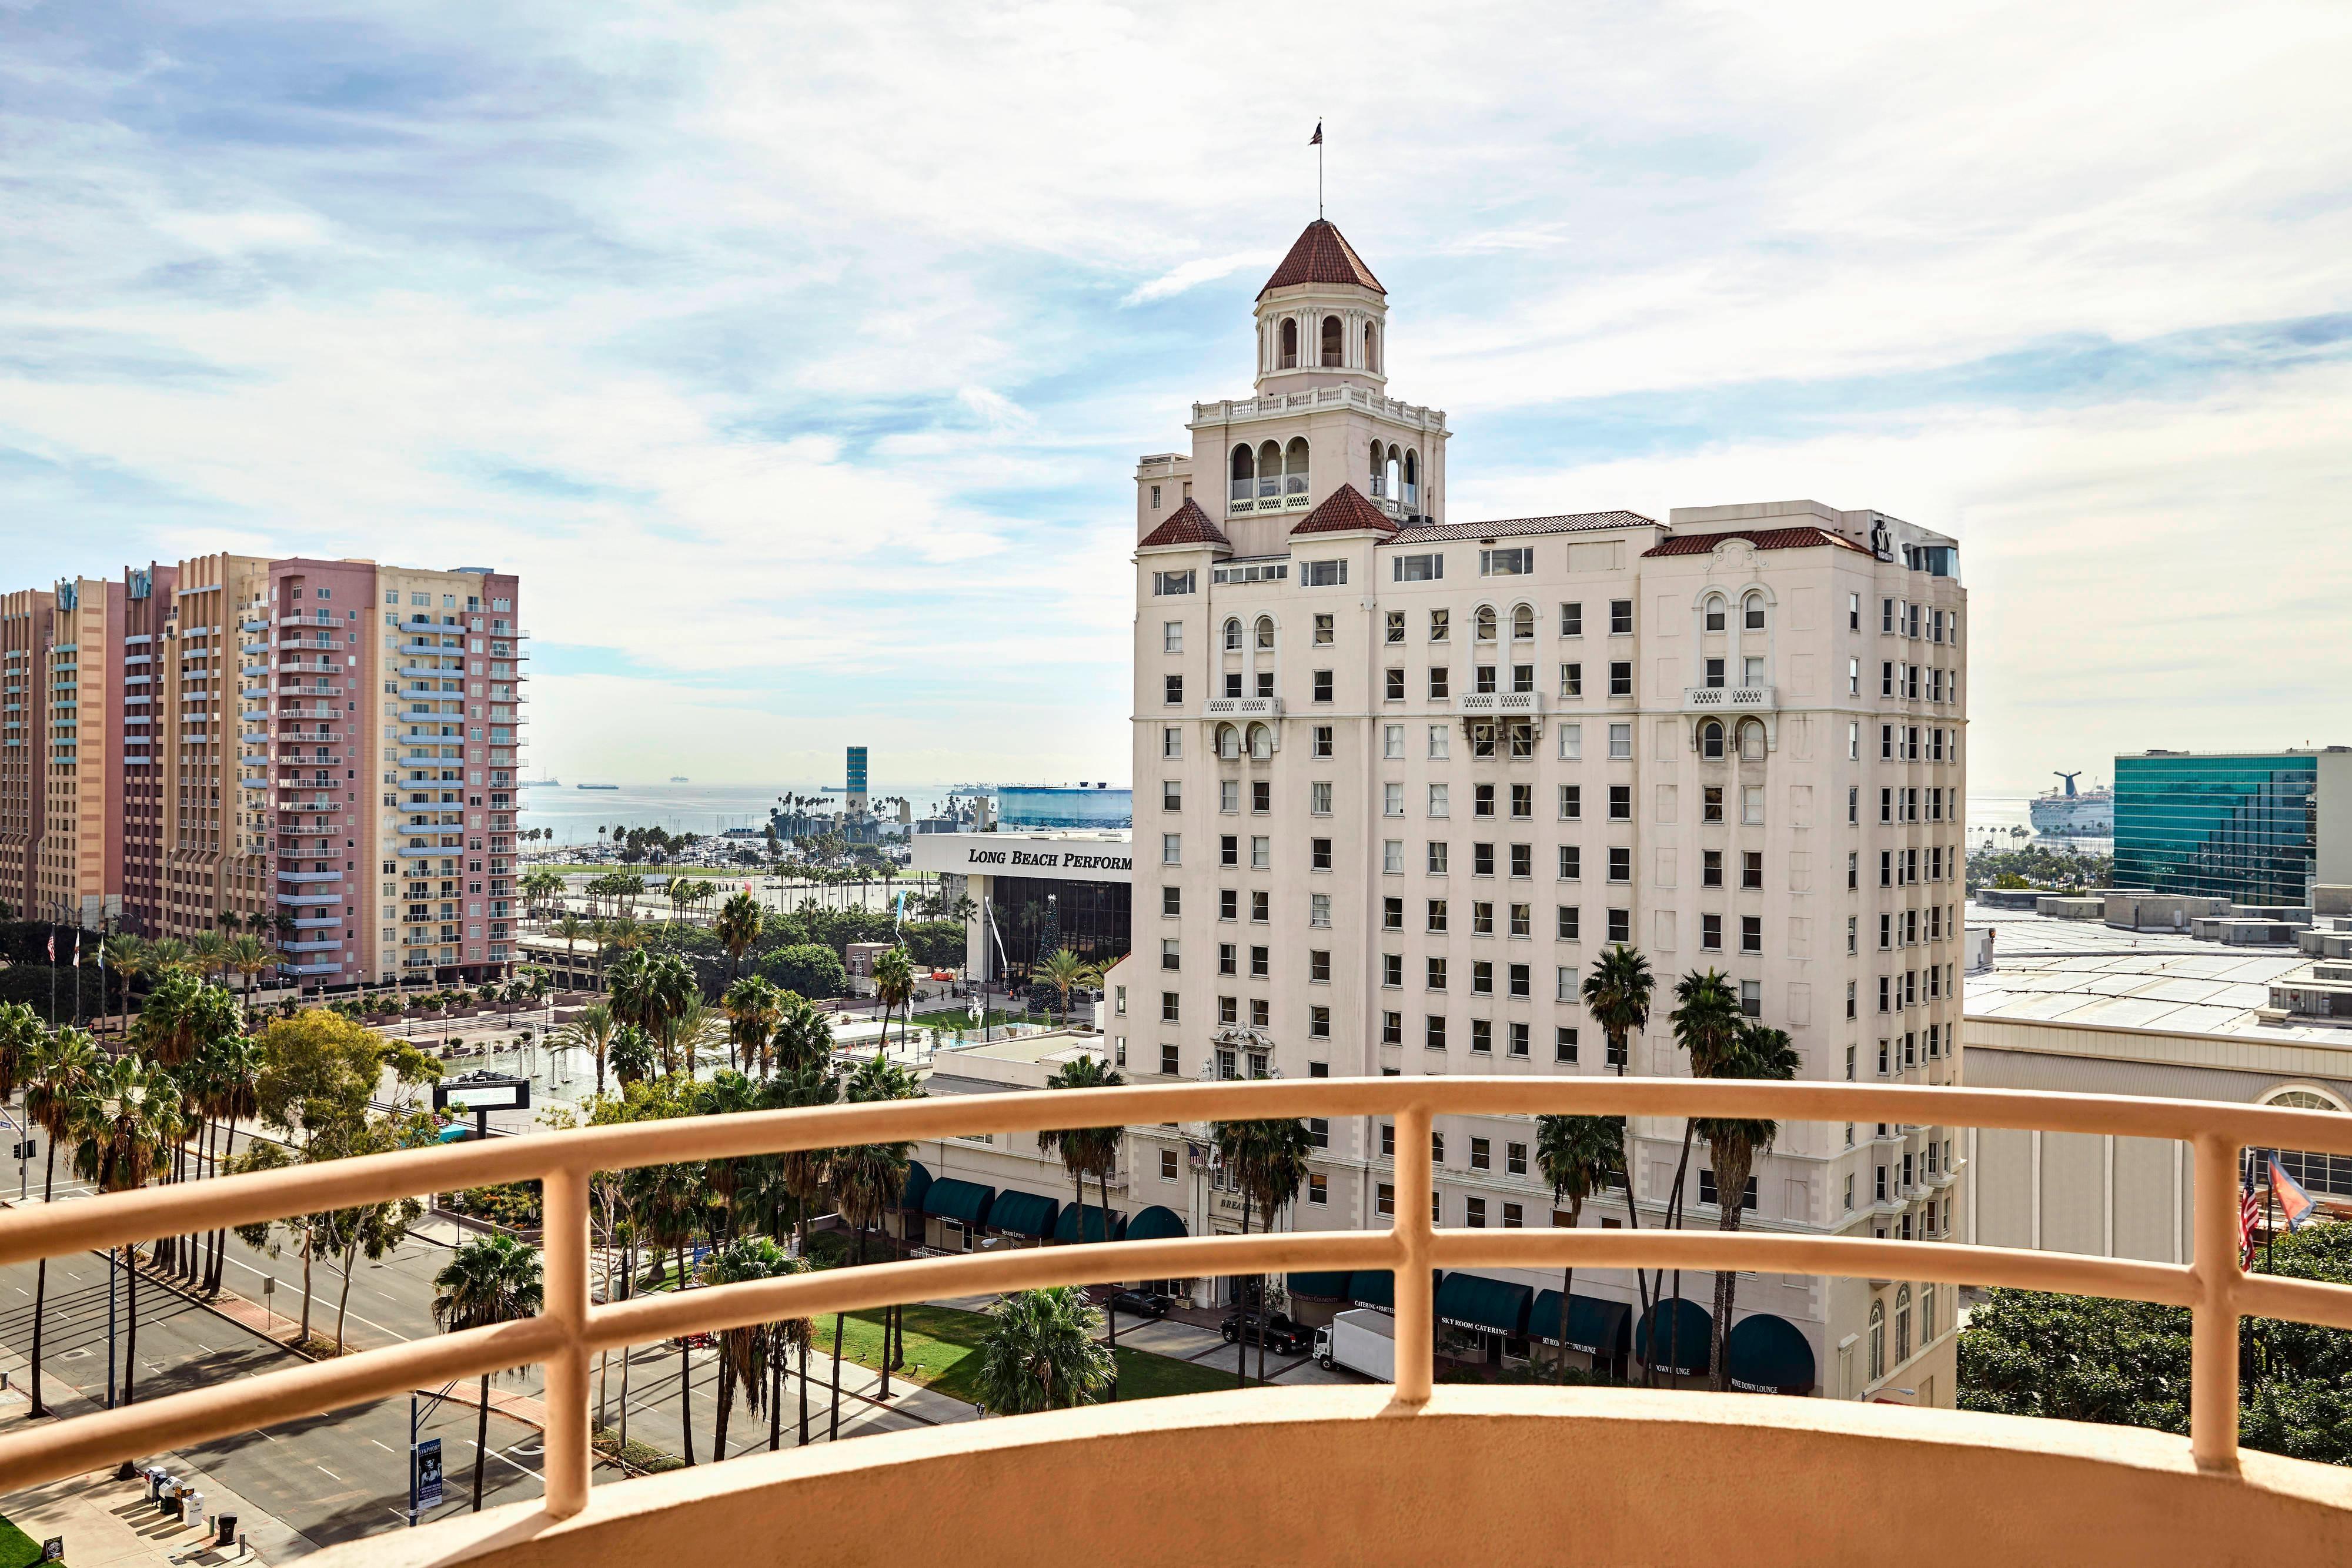 Habitación con balcón y vista - Vista